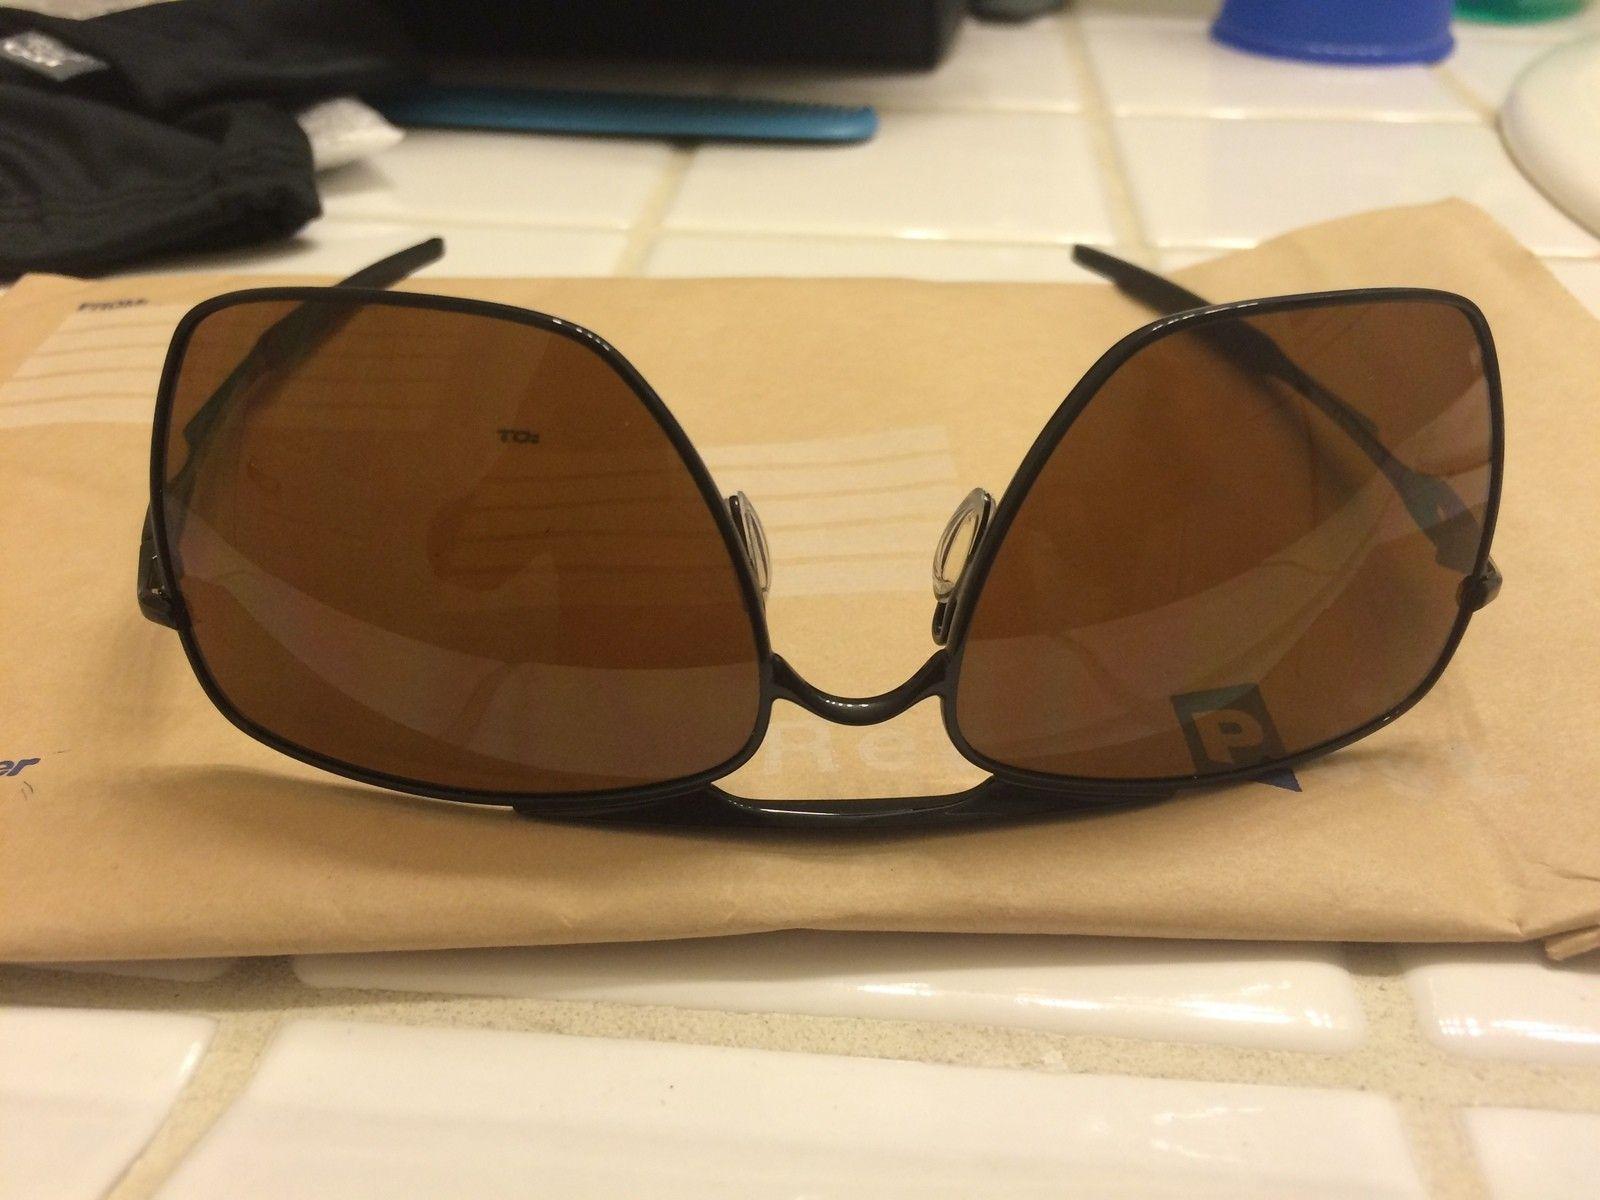 Deviation - Polished Black - Under $69 - 2015-06-30 22.17.31.jpg